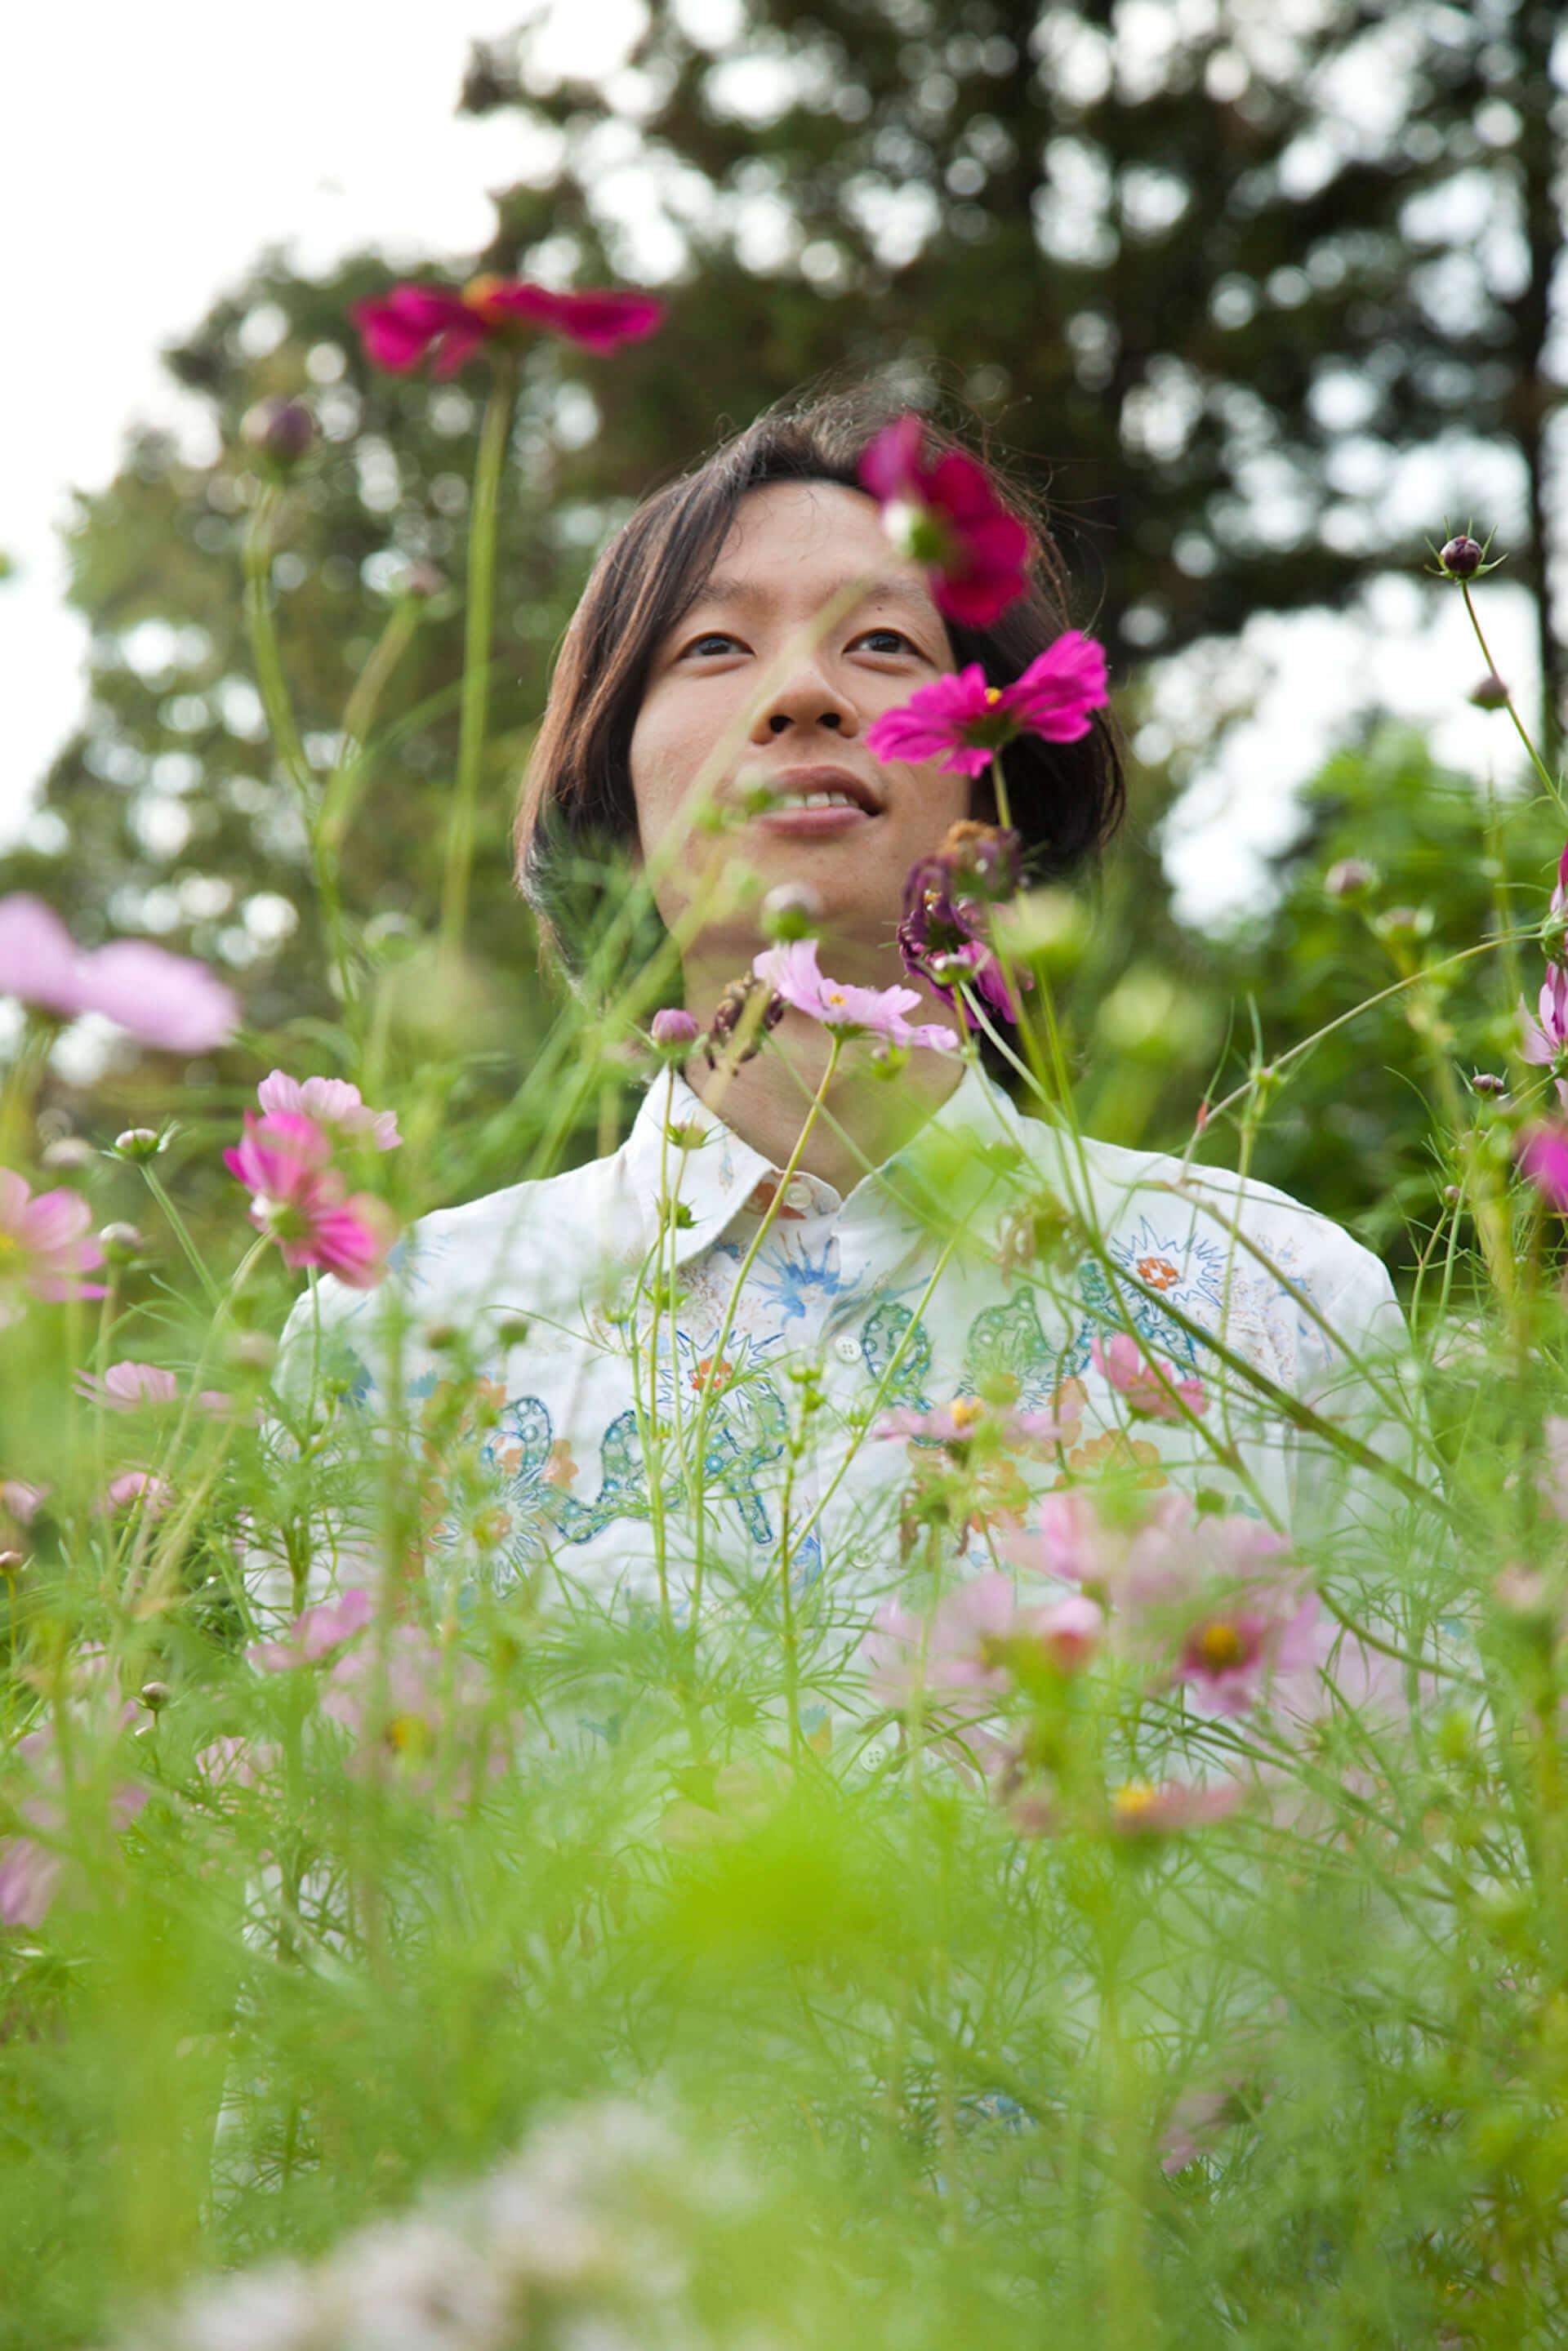 YAKUSHIMA TREASUREのインタラクティブなライブ映像作品が配信開始!屋久島「ガジュマルの森」でのパフォーマンスを空間ごとスキャン music210211_yakushimatreasure_3-1920x2879